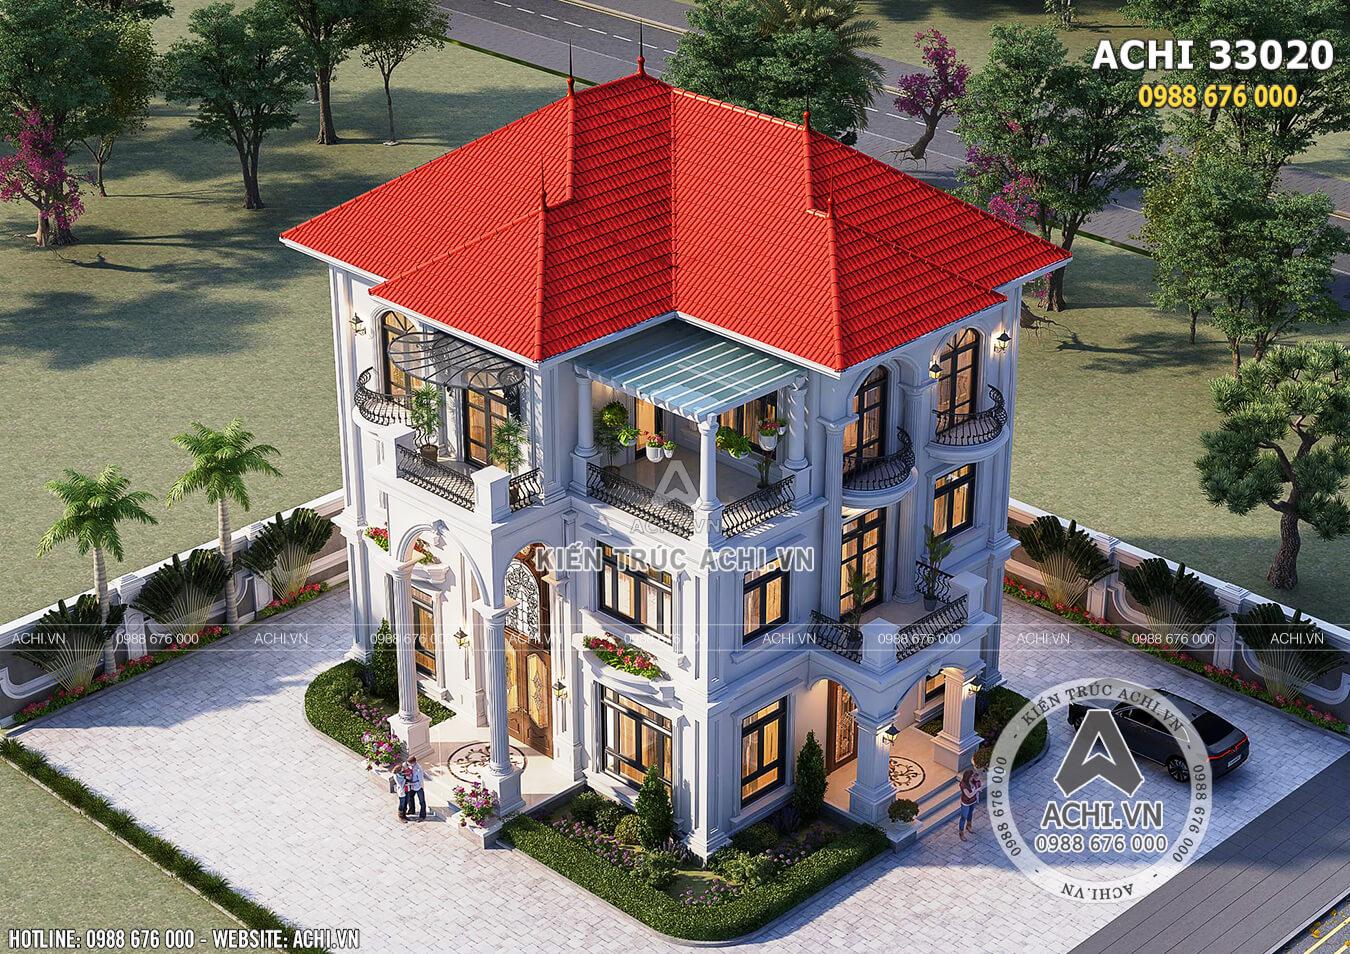 Hình ảnh: Mặt tiền ngôi nhà mái thái kiến trúc tân cổ điển– ACHI 33020